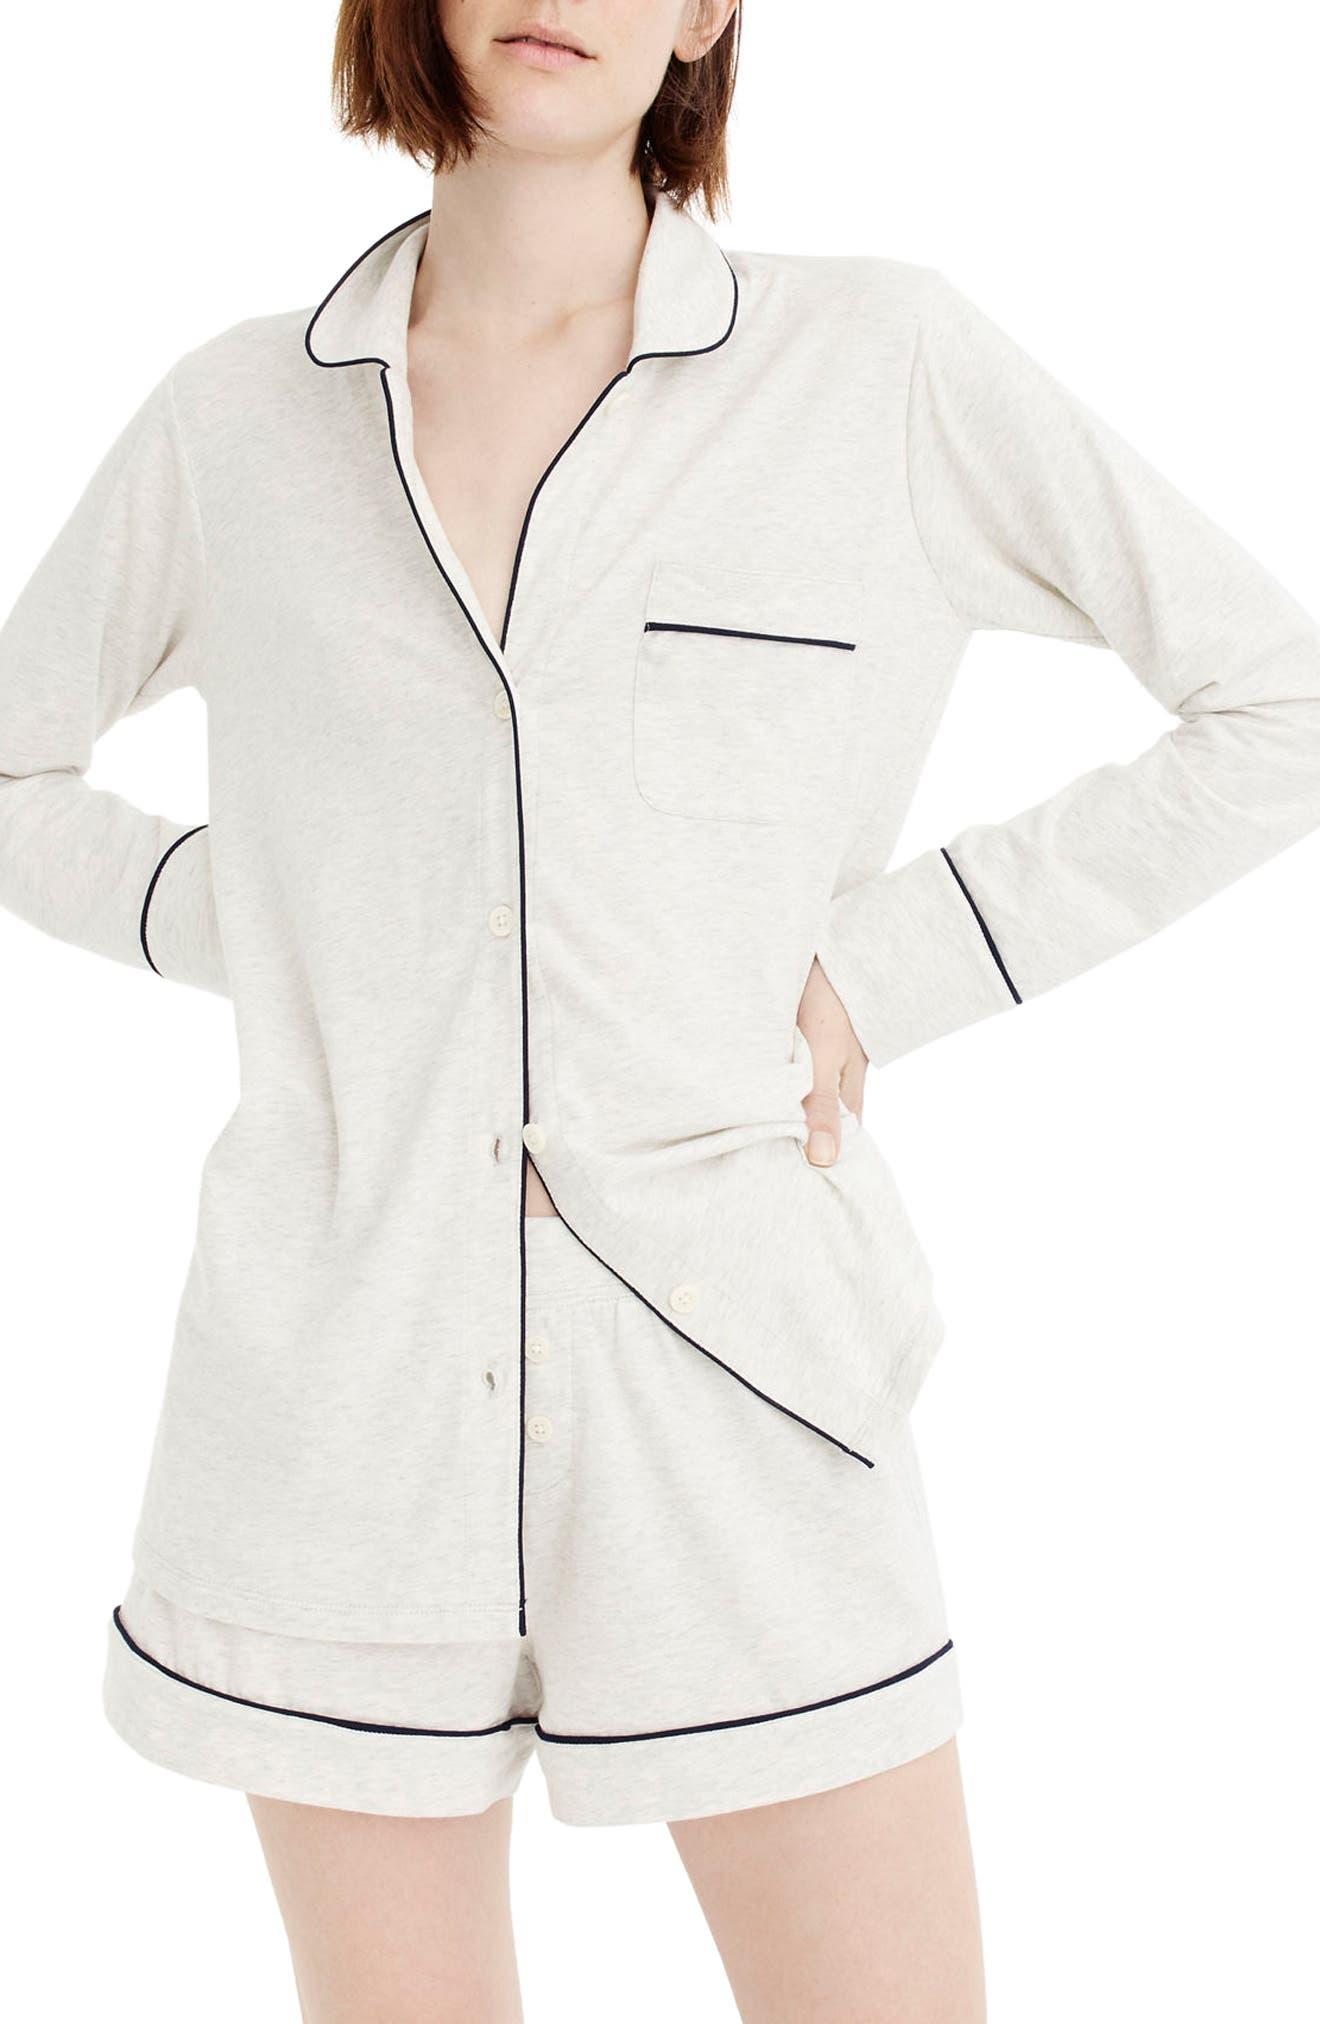 J.CREW, Dreamy Short Cotton Pajamas, Main thumbnail 1, color, HEATHER CLOUD